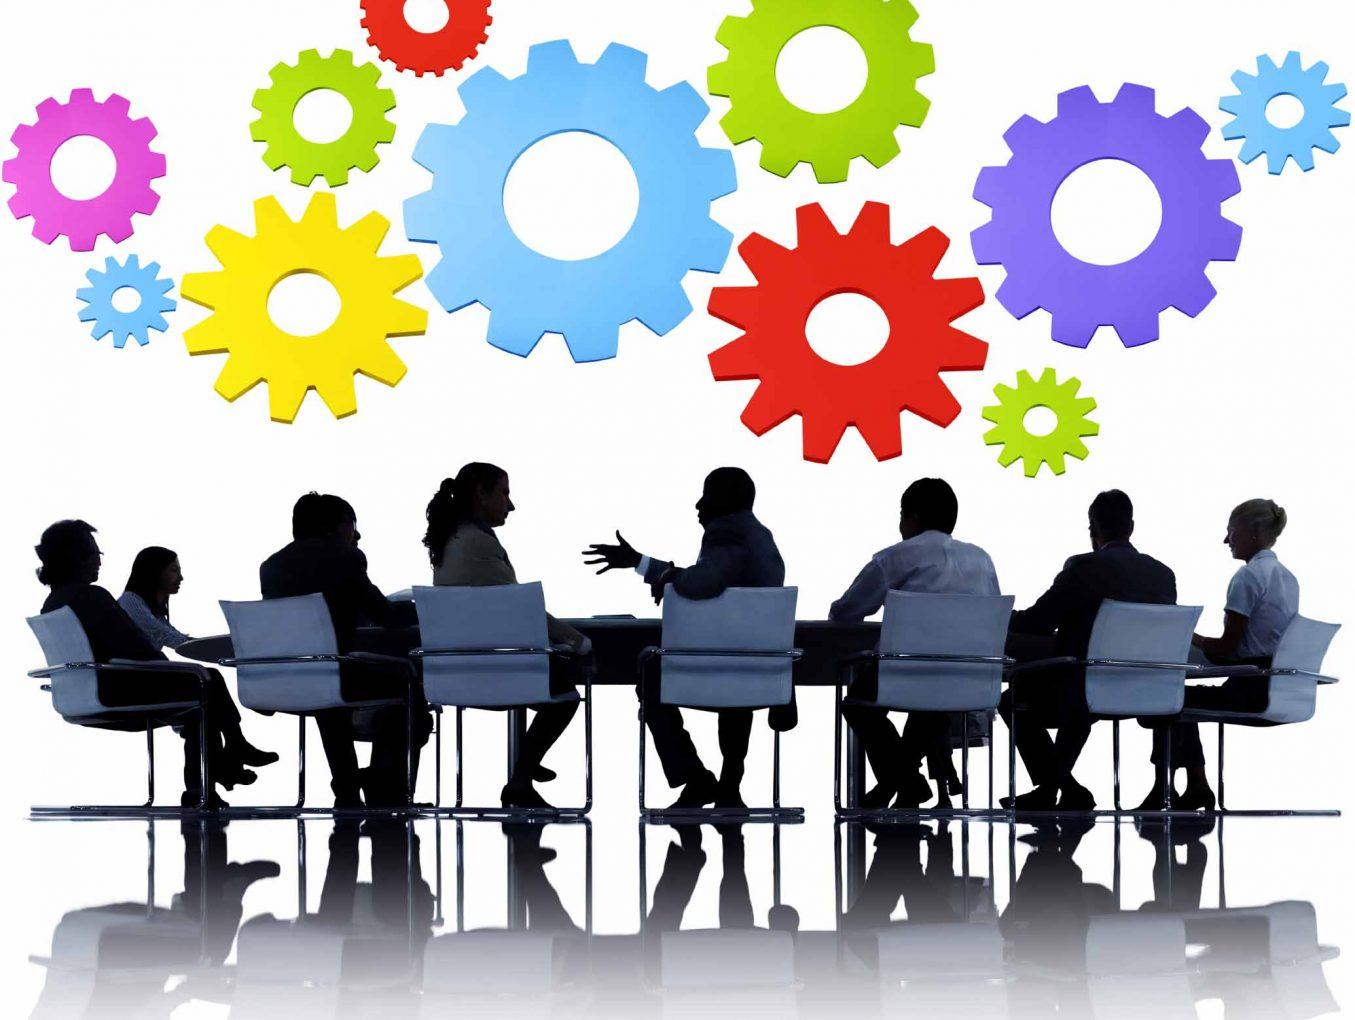 27 августа 2019 года - круглый стол: «Опыт успешных практик социального предпринимательства». Место и время проведения: ул. Новоторжская, д. 12 А. Начало в 10.00.